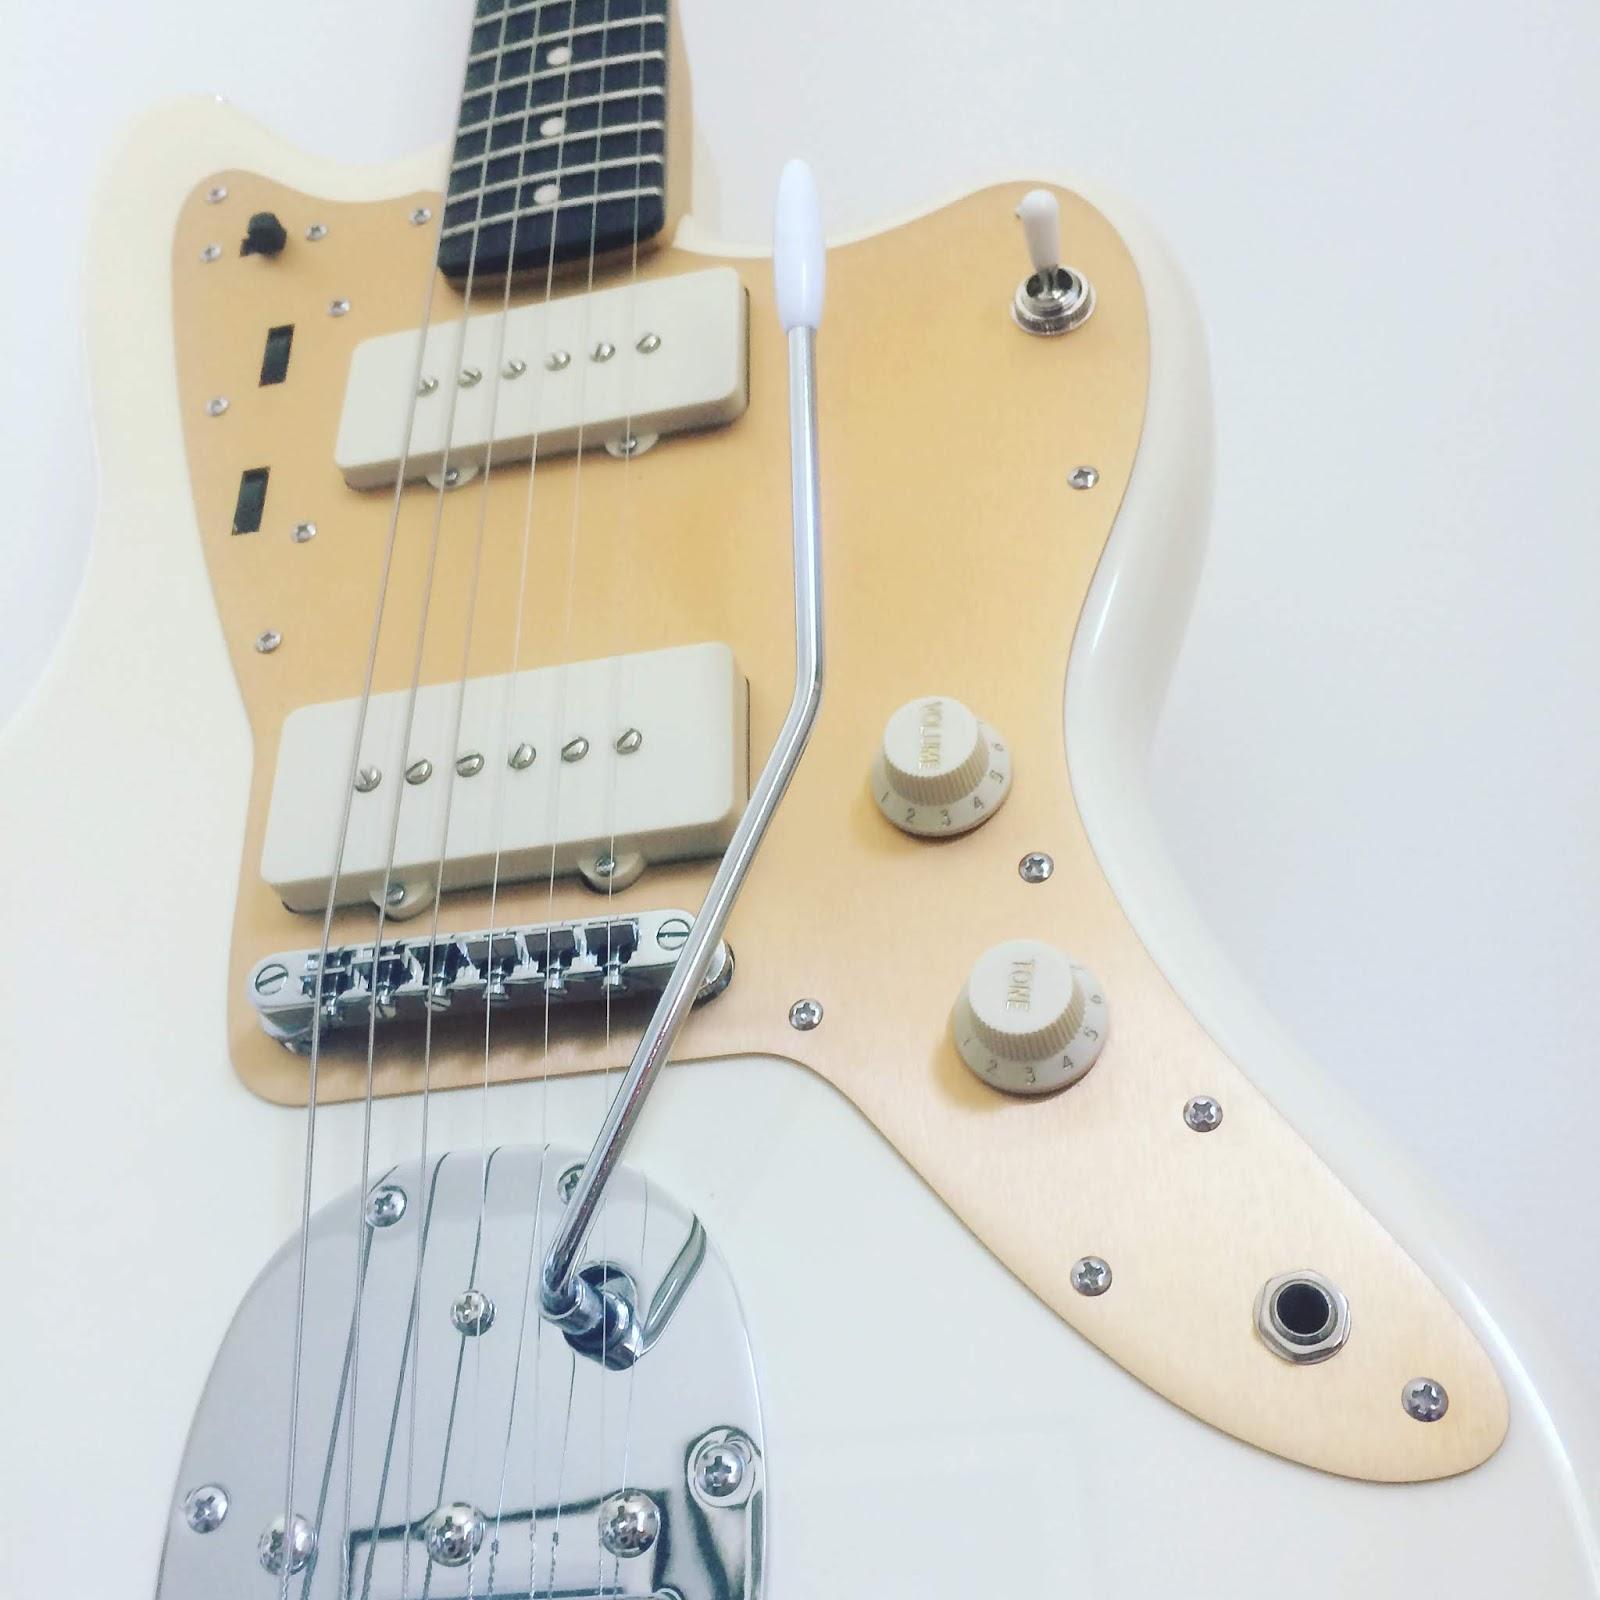 hight resolution of schuyler dean nashville pickups j mascis jazzmaster mods wiring diagram squier j mascis